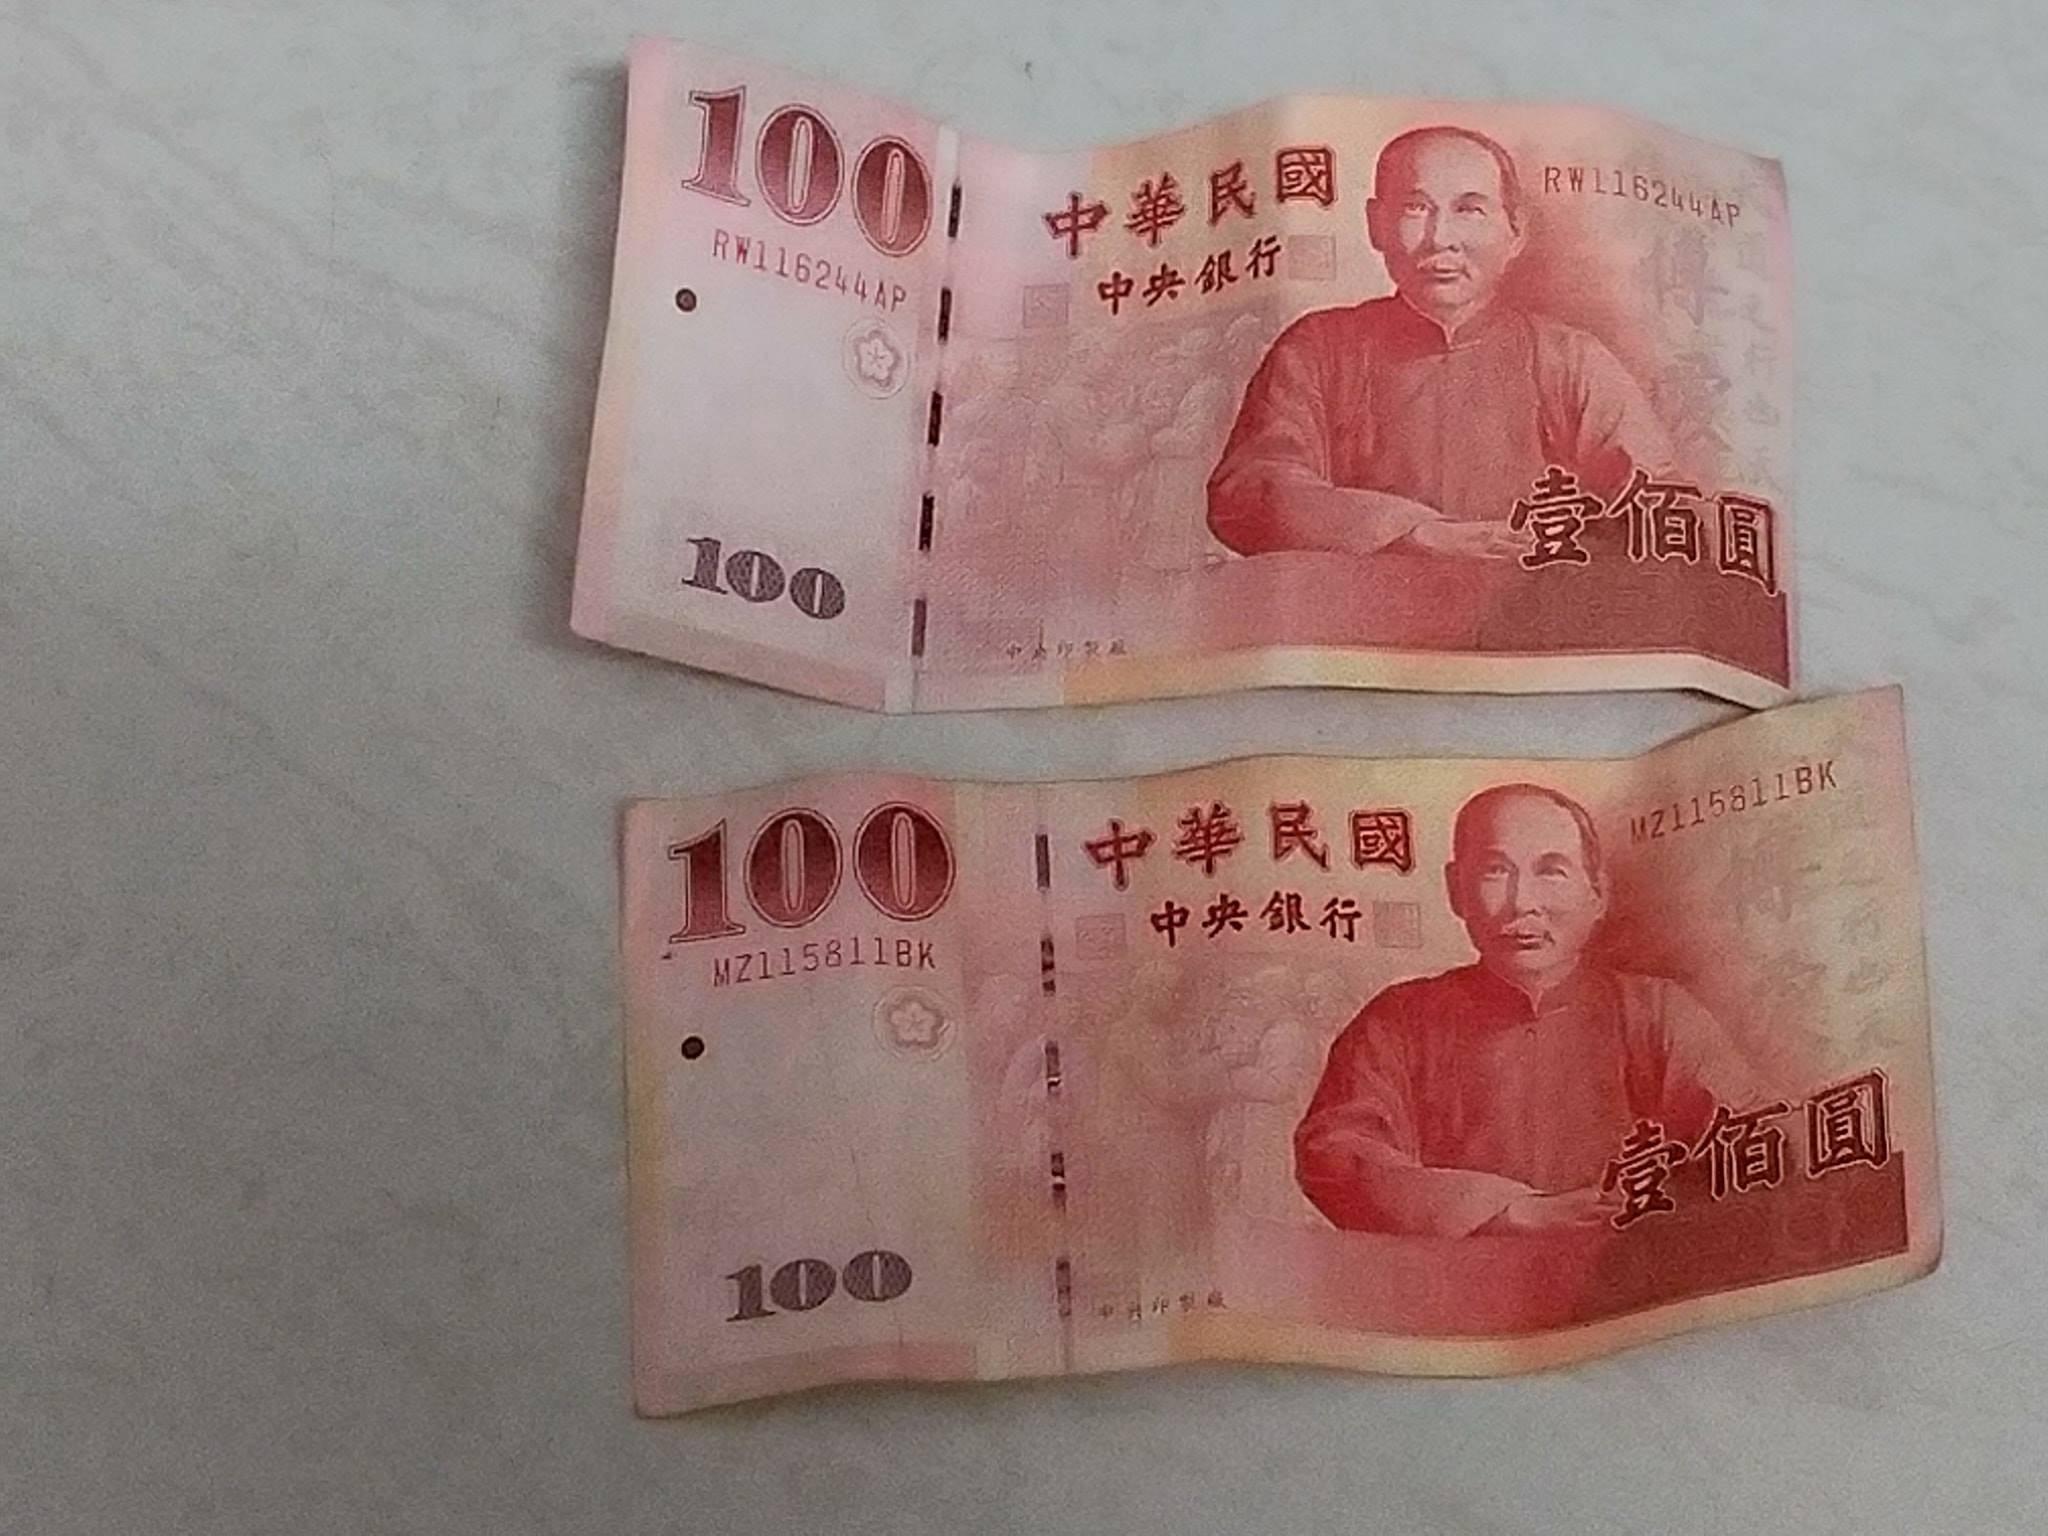 ▲▼每天只有200元零用錢。(圖/小檸檬供稿專用)